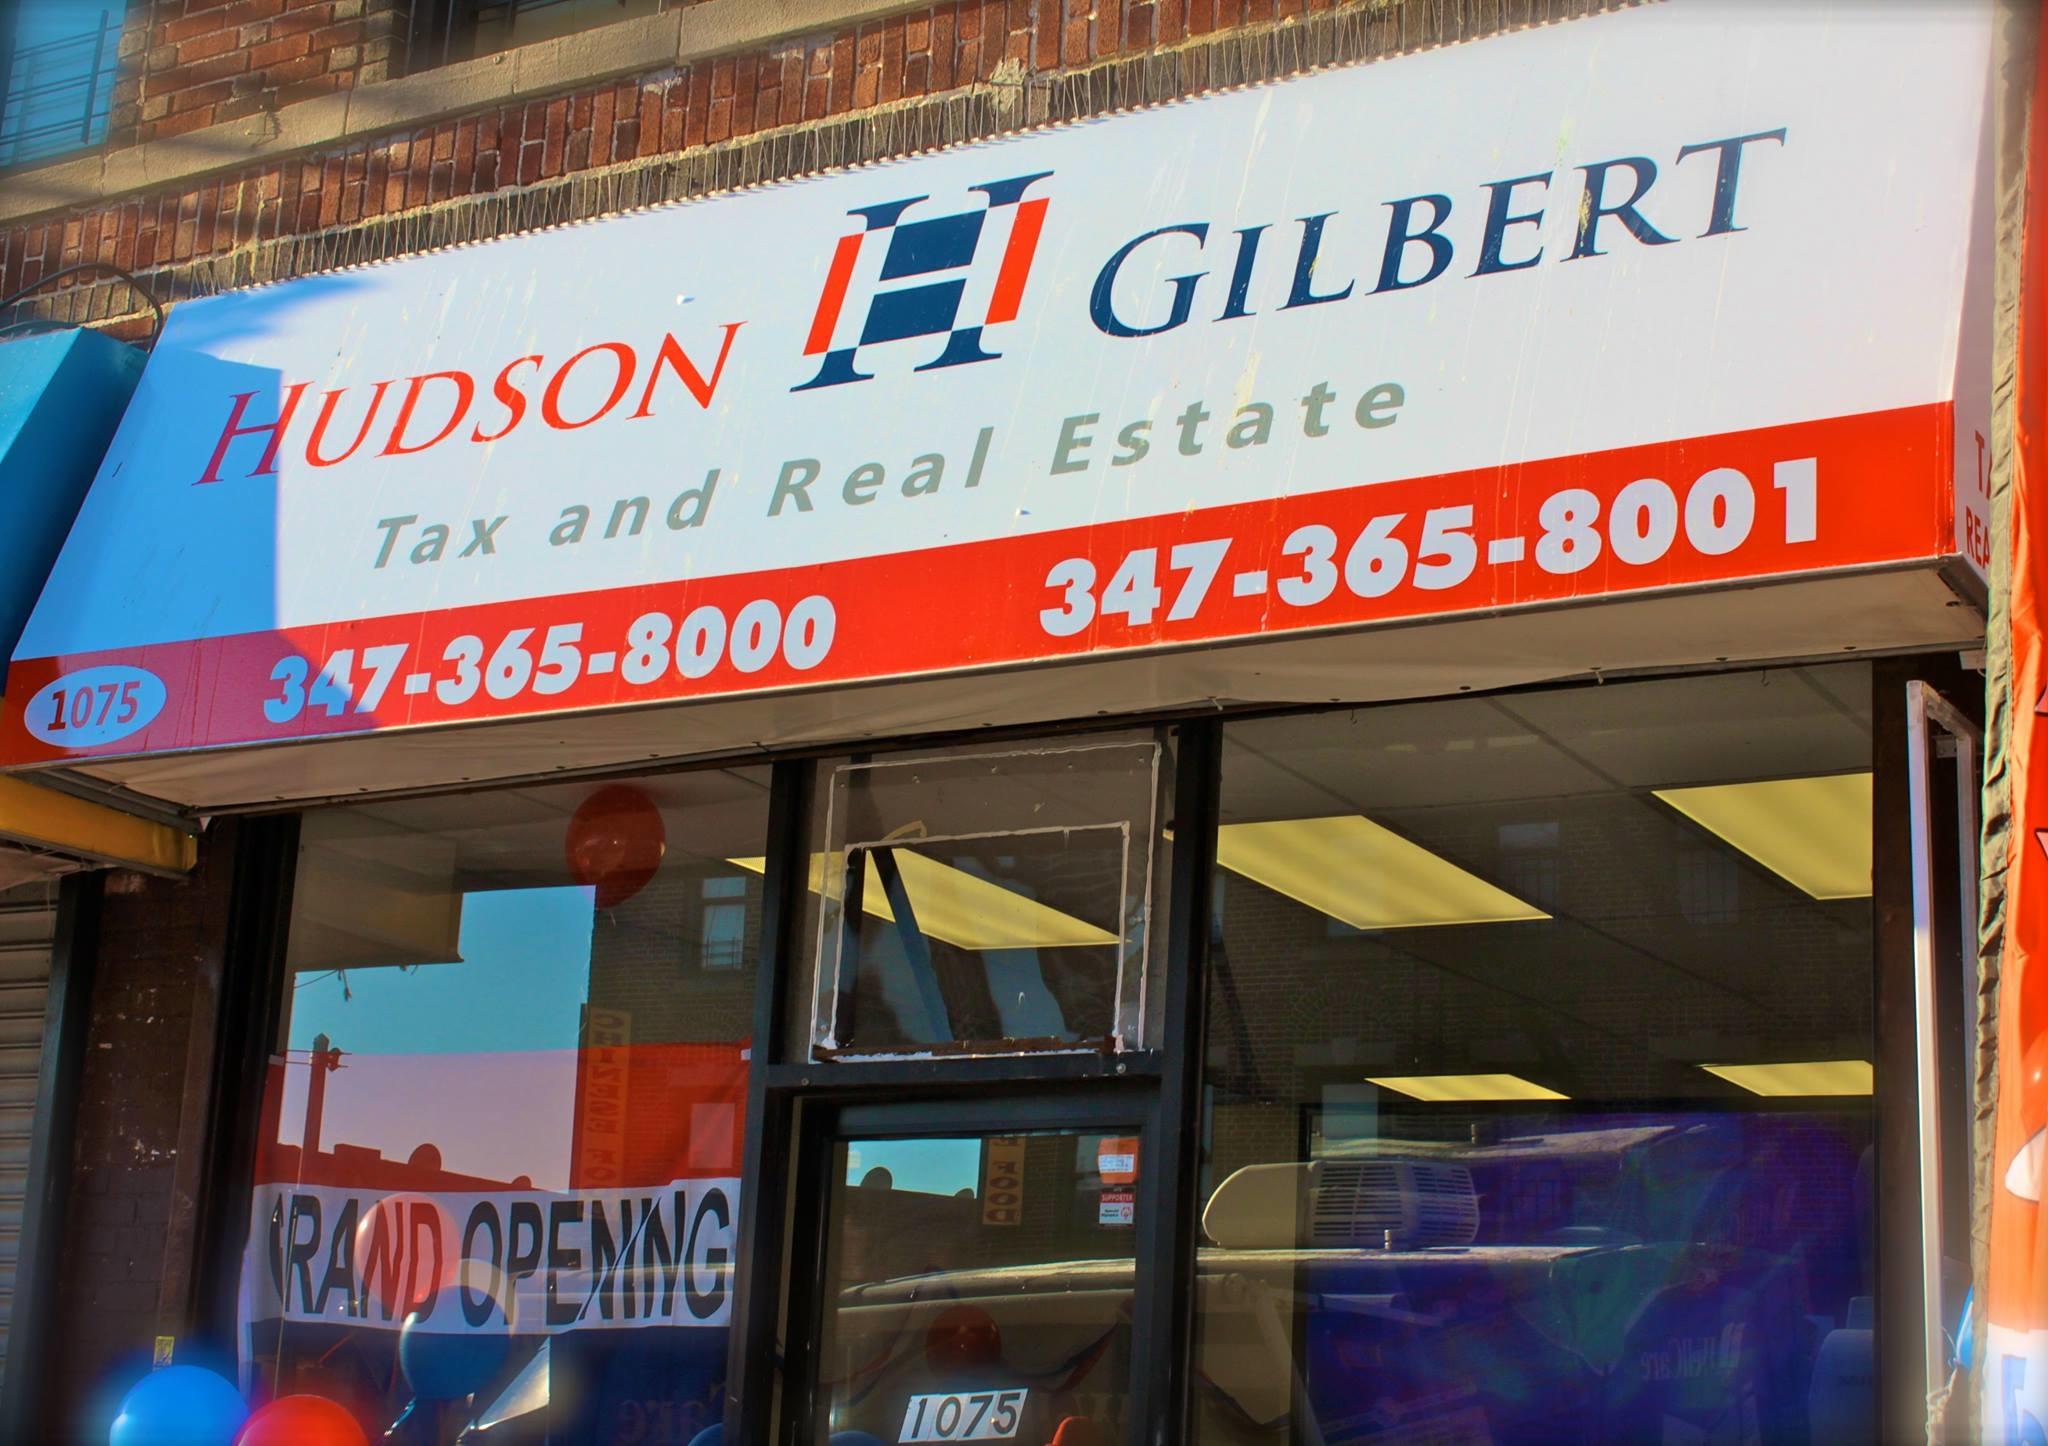 Hudson Gilbert Associate Broker Bertram Babb image 0